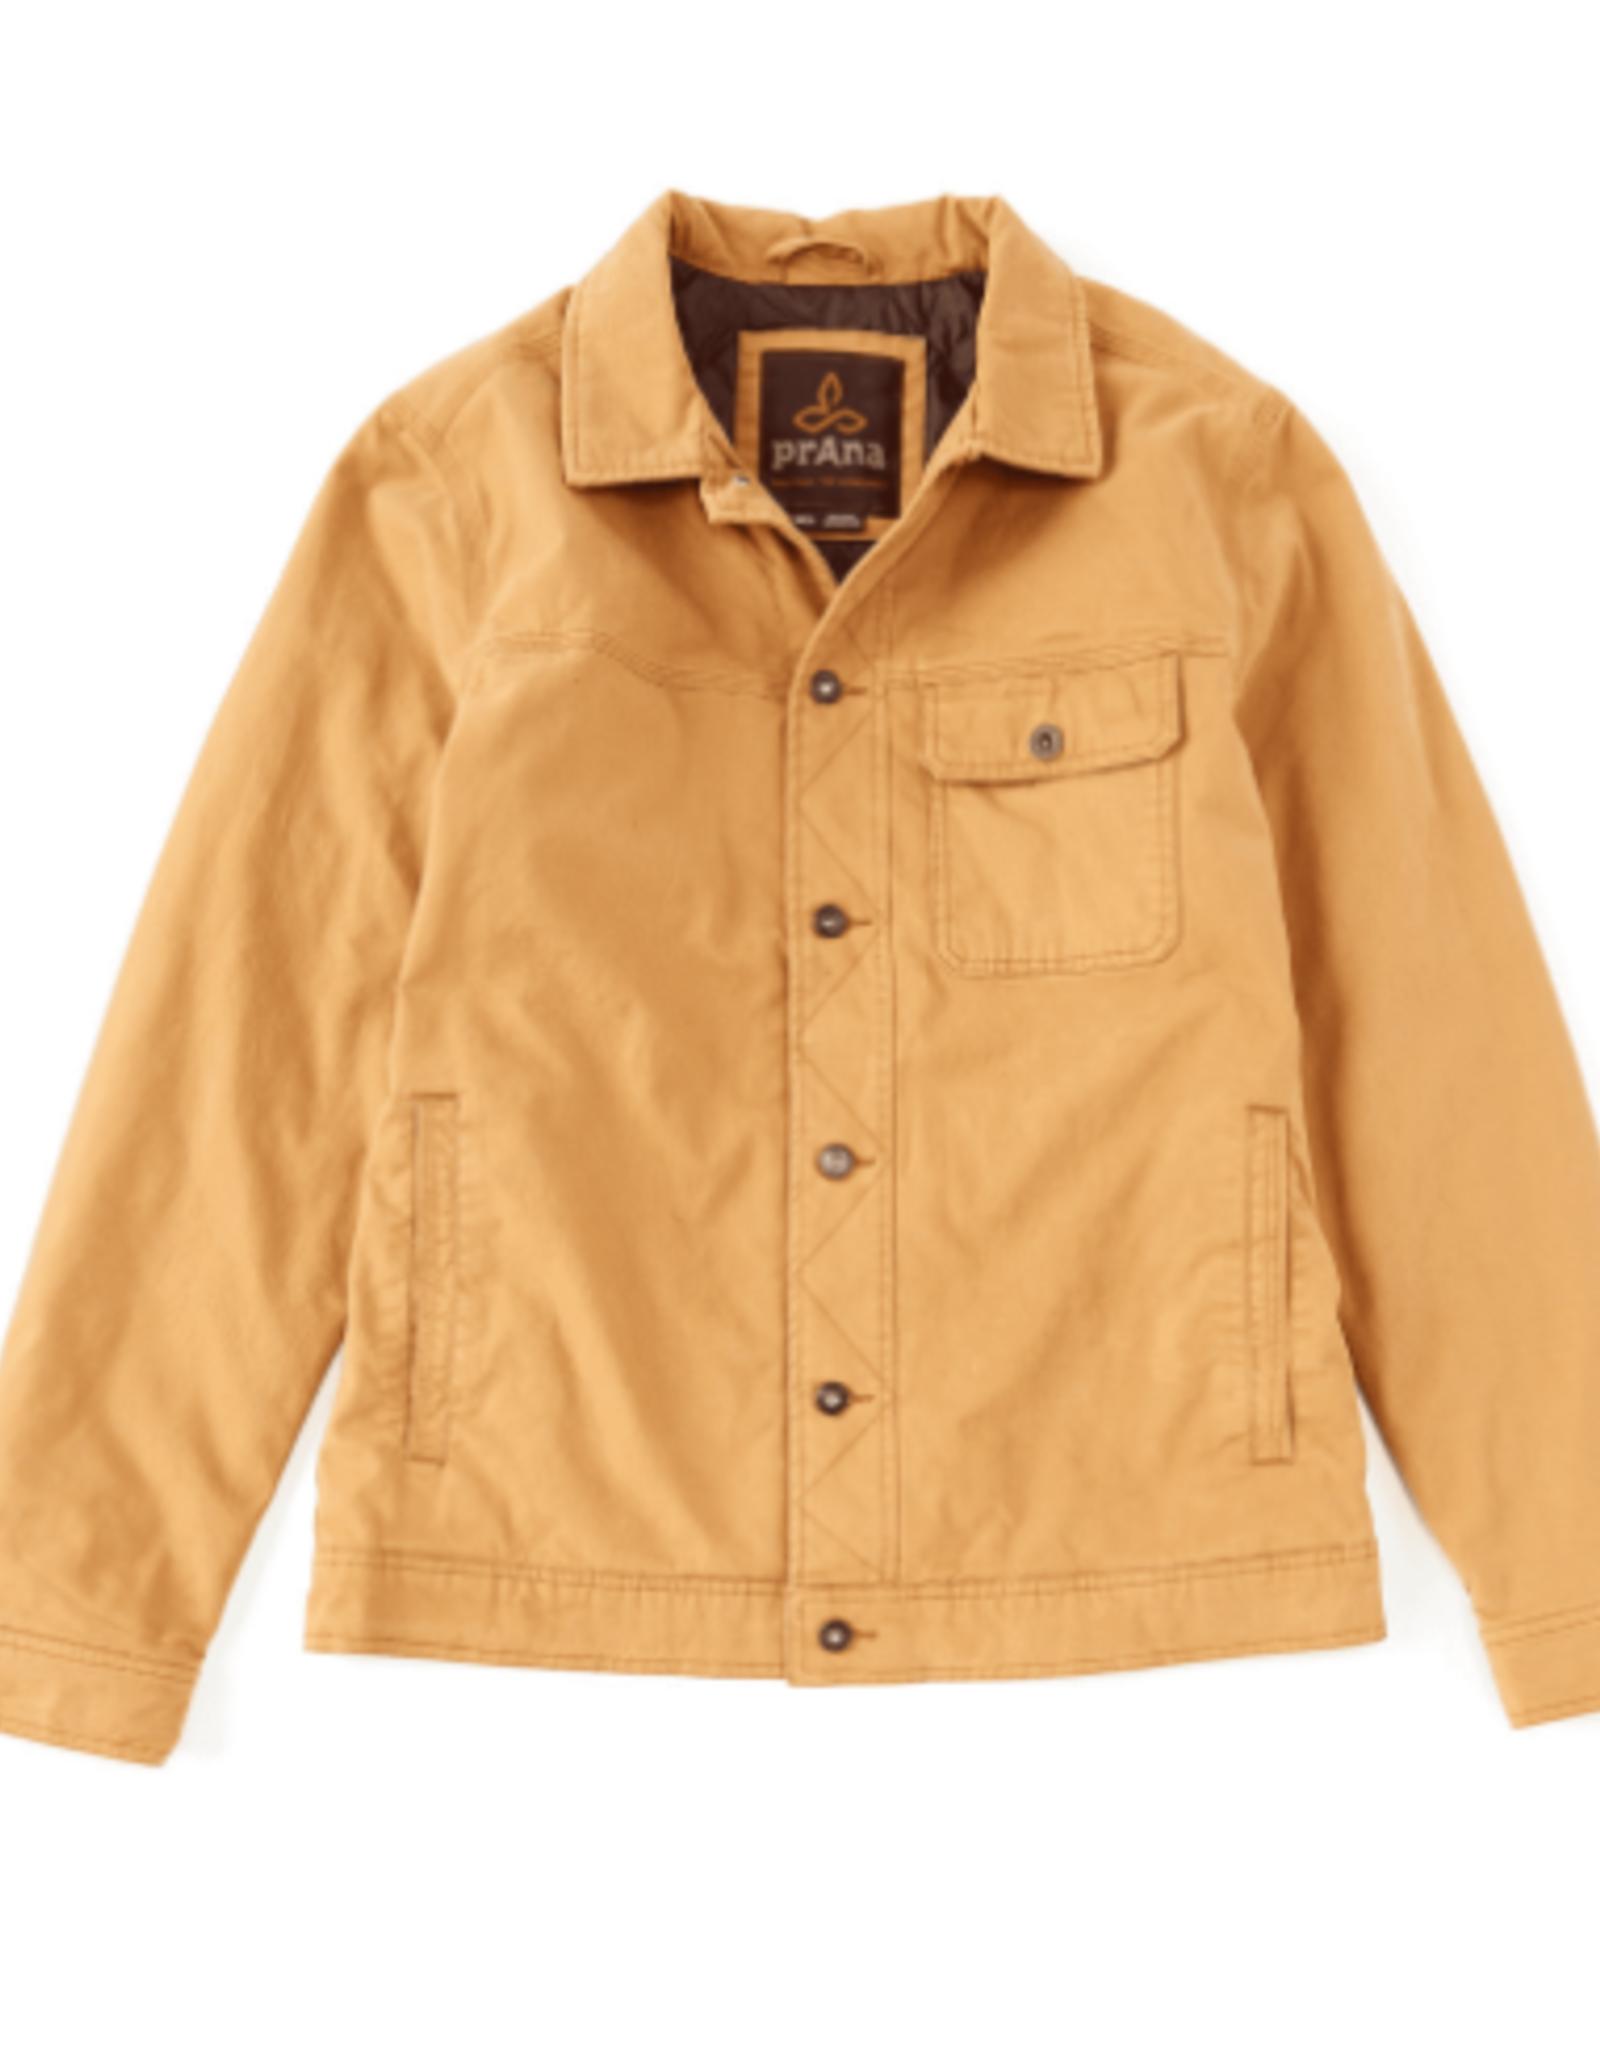 PrAna M's Trembly Jacket -